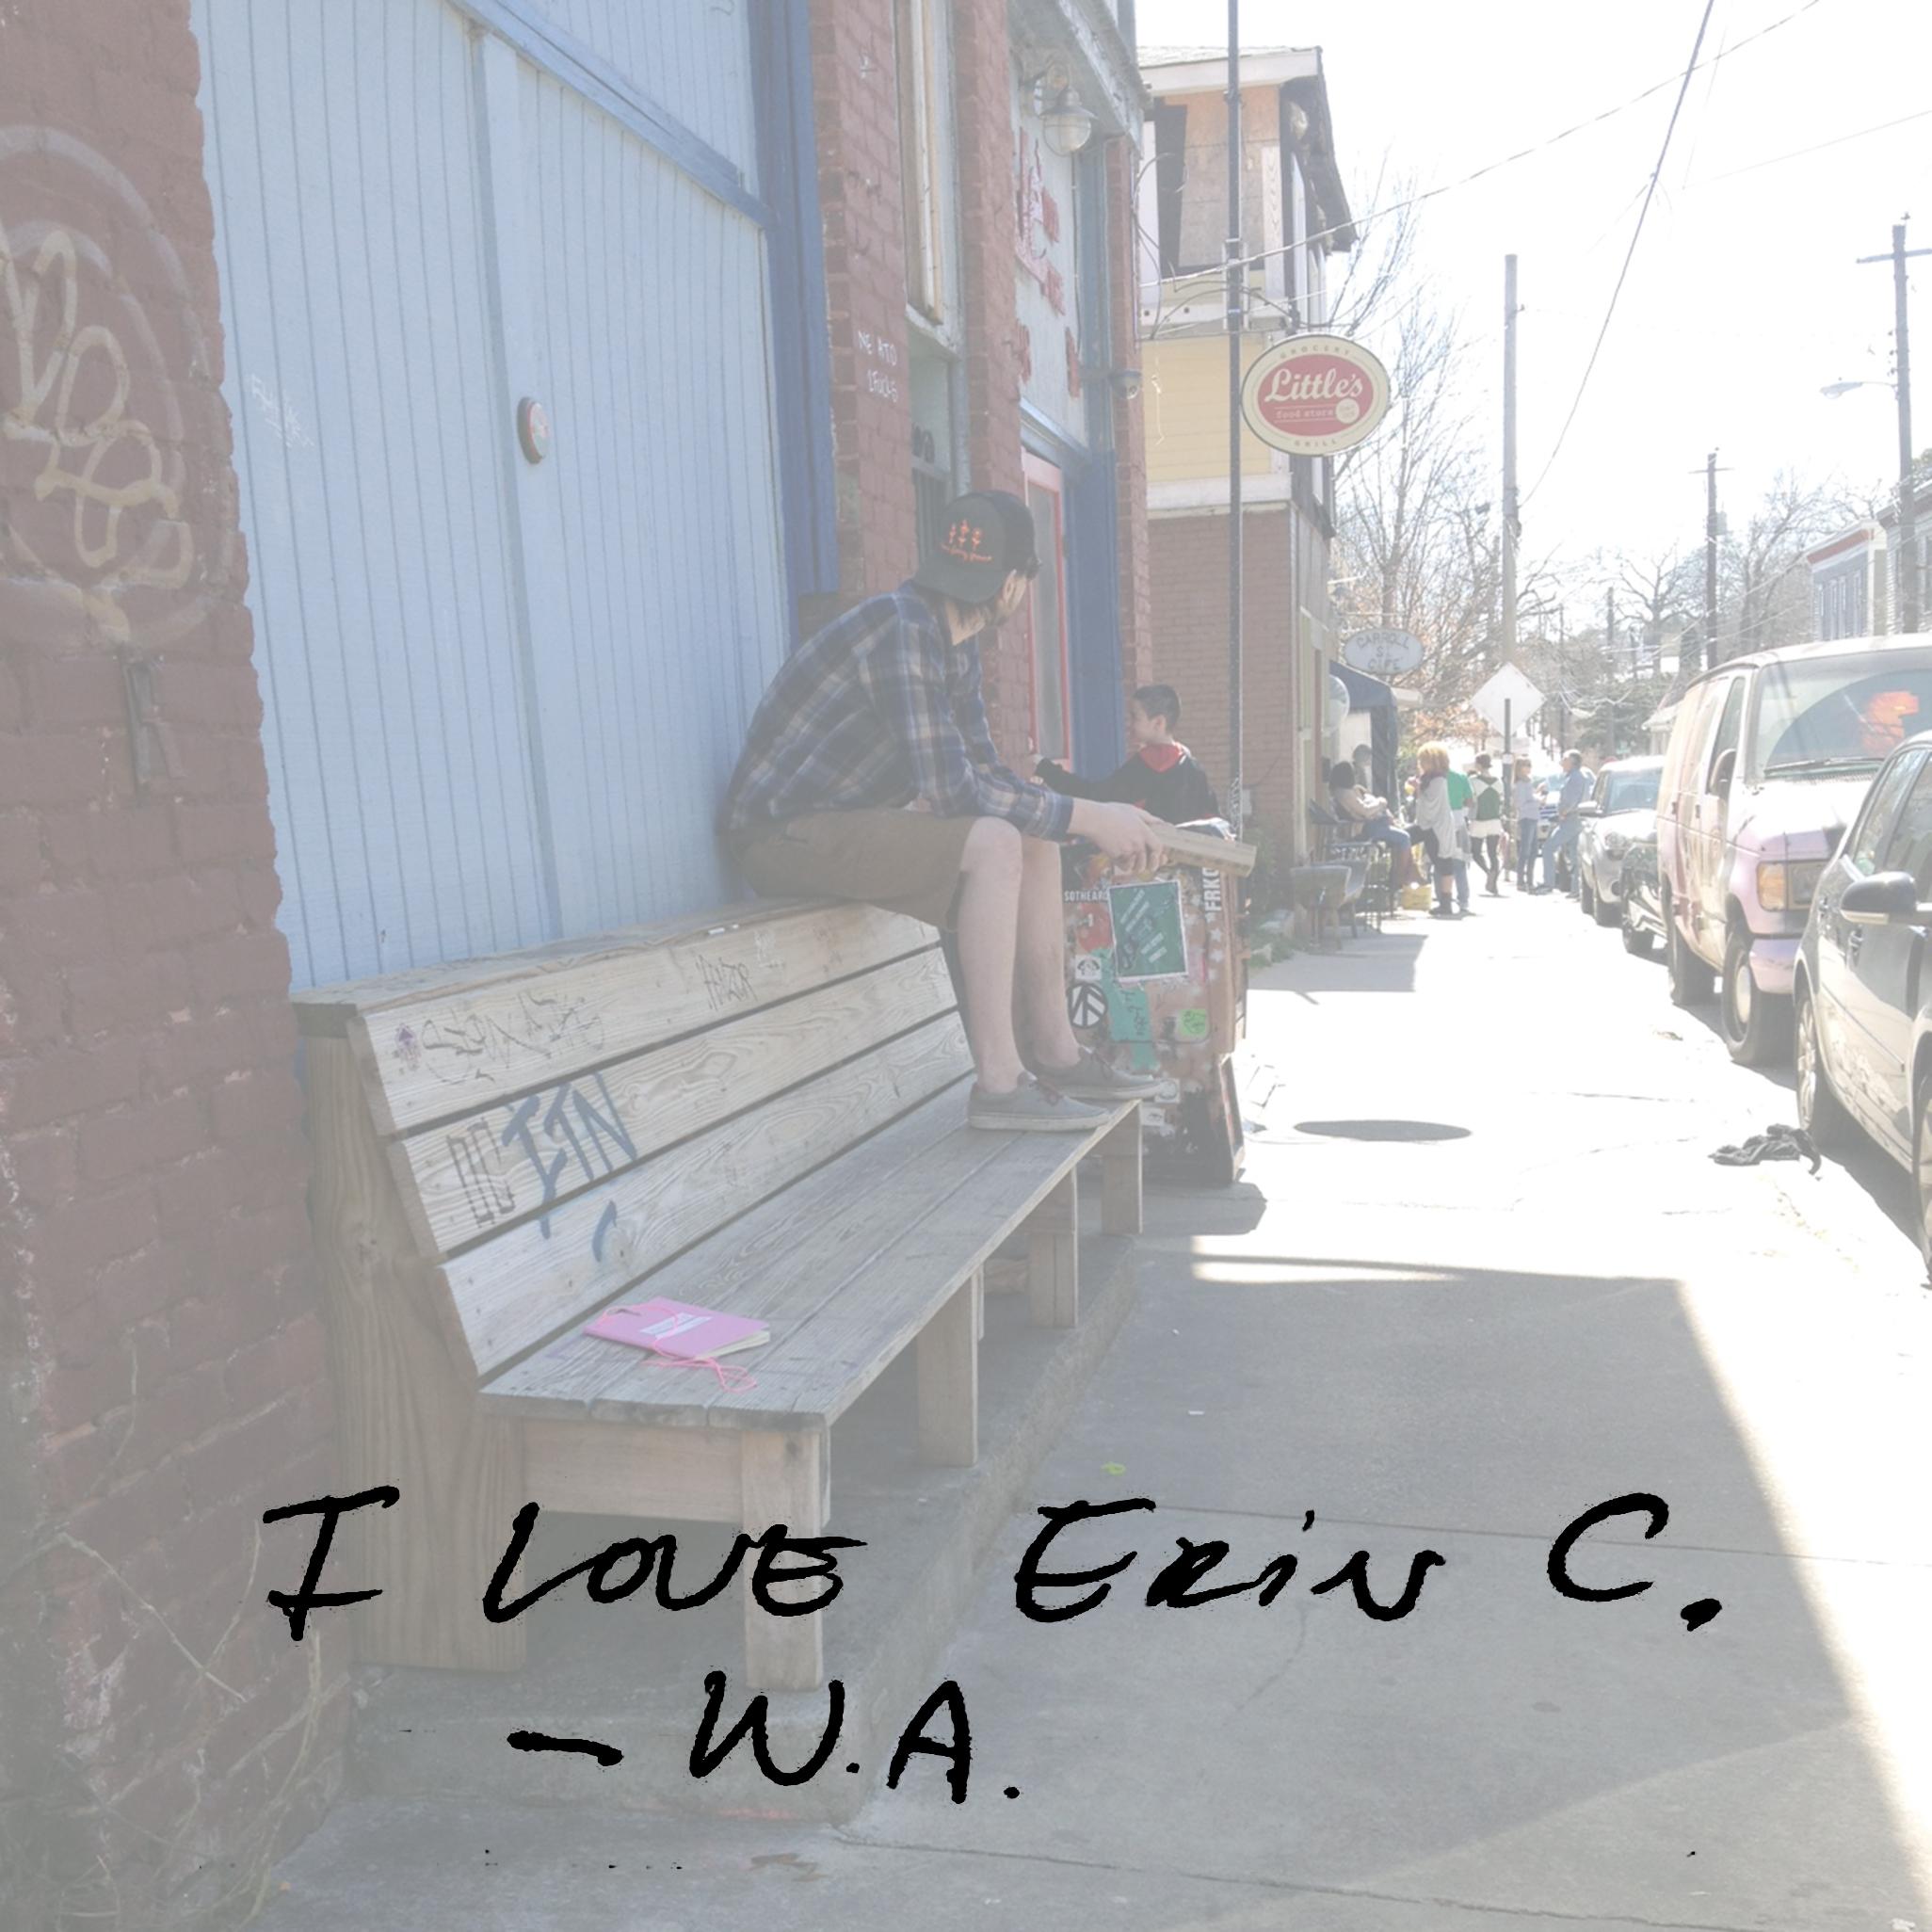 I love Erin C. - W.A.